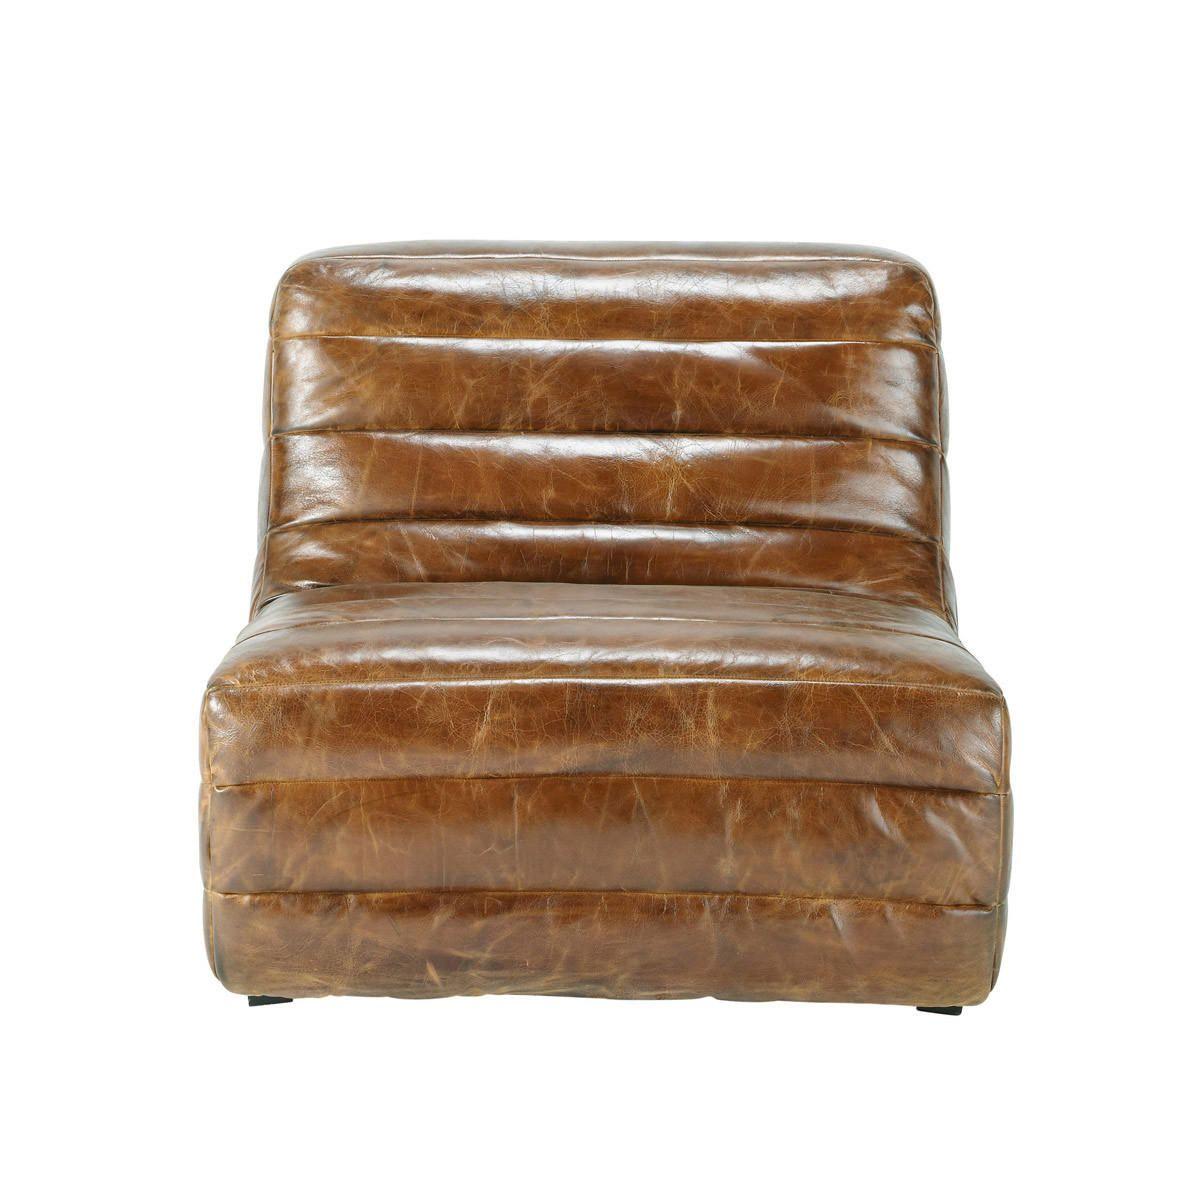 Fauteuil cuir marron vintage Stuttgart